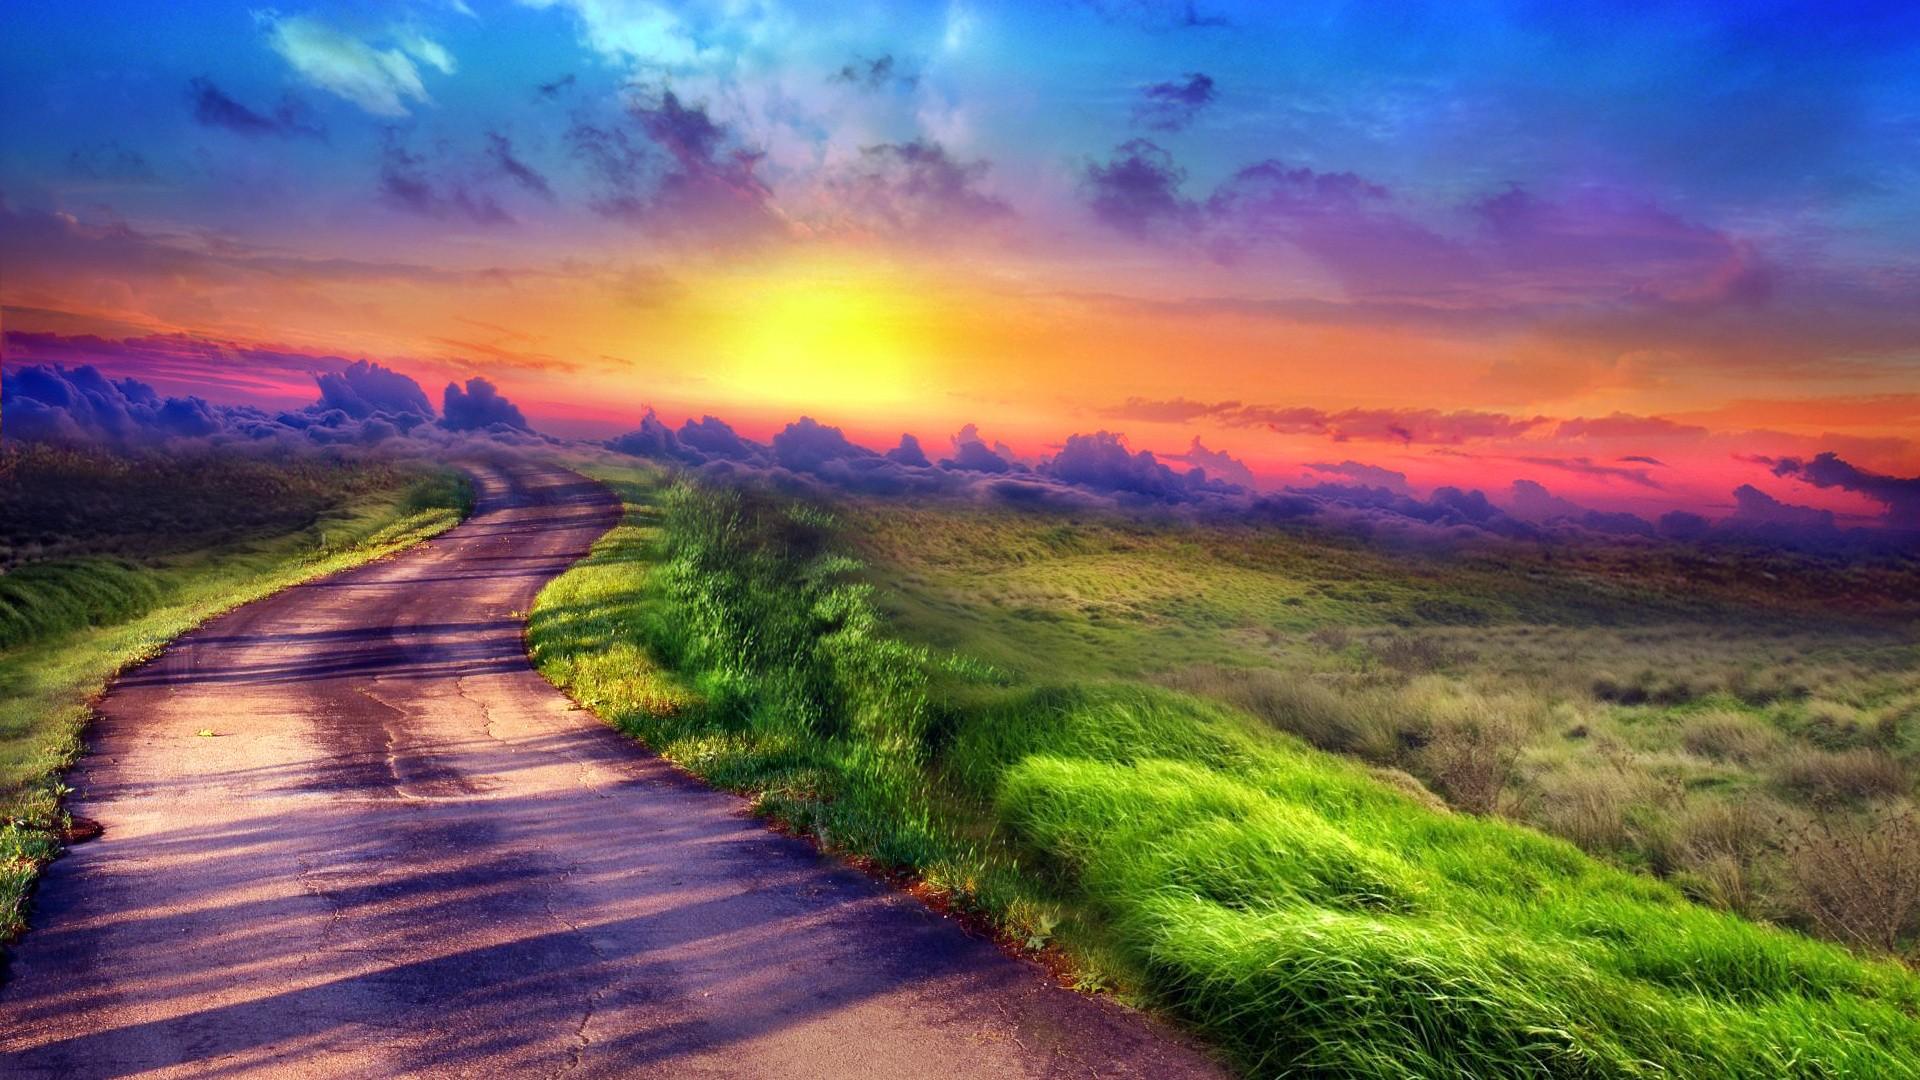 Поле дорога небо закат бесплатно